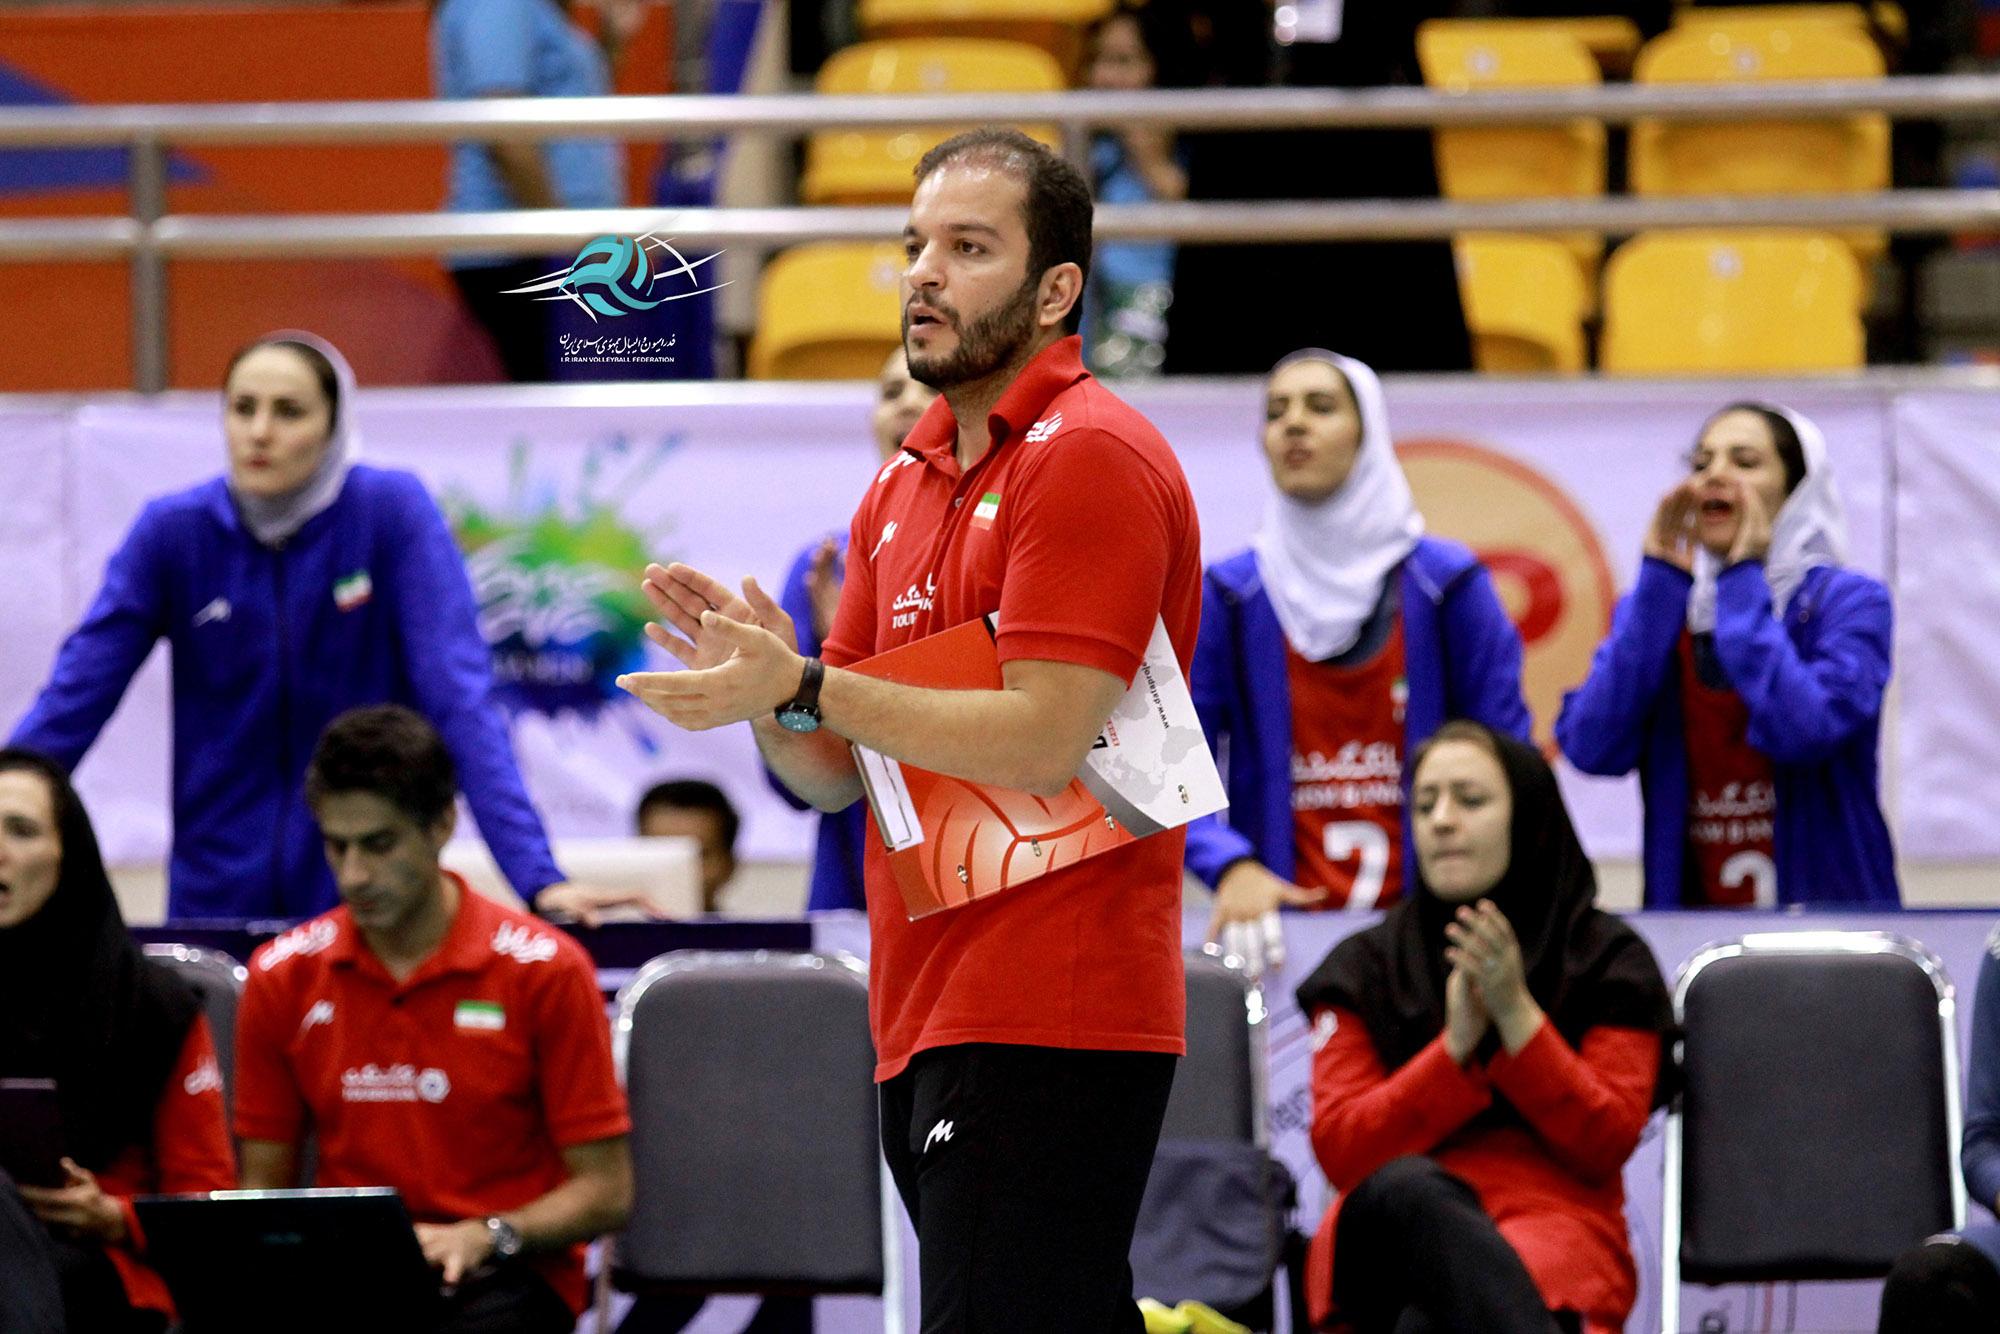 IRN PHL 6 مربیان مرد در تیمهای ملی زنان ؛ تغییر مسیر در حرکت ورزش بانوان؟